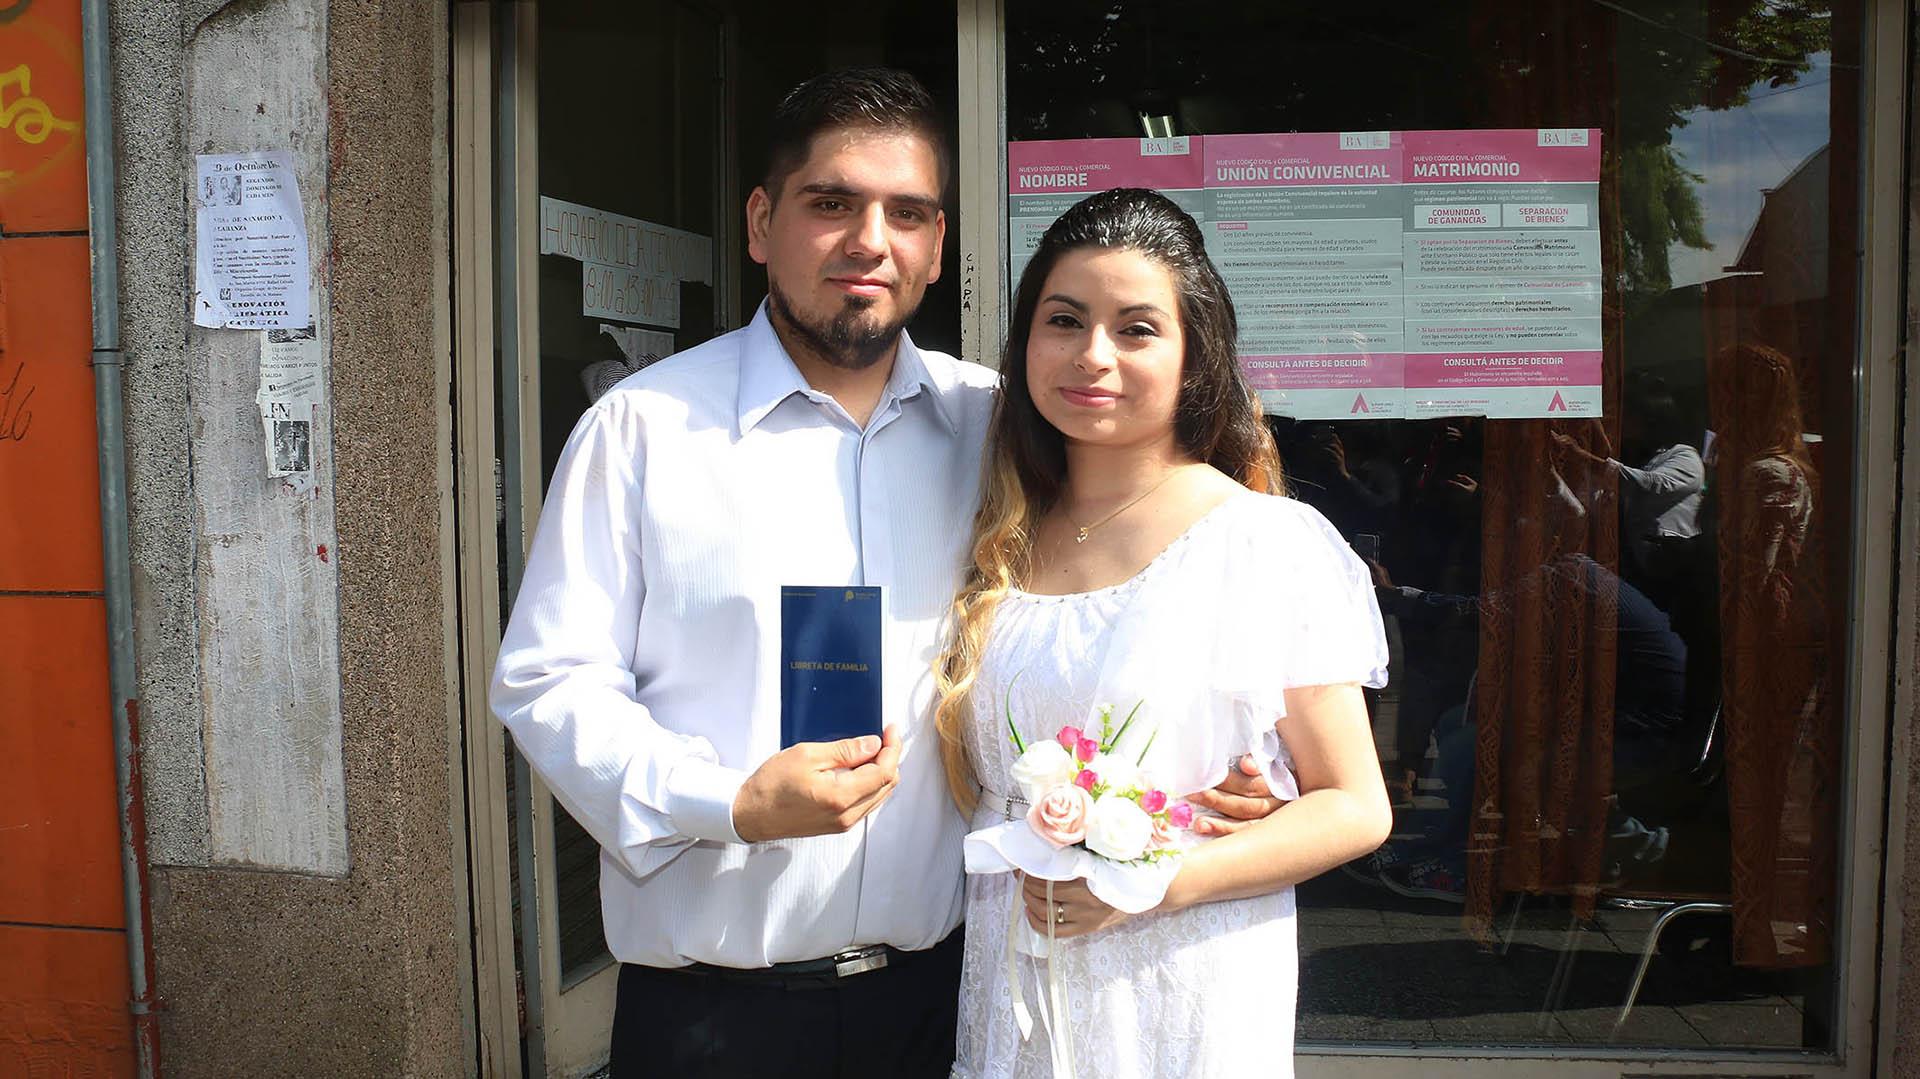 La pareja con la libreta de casamiento